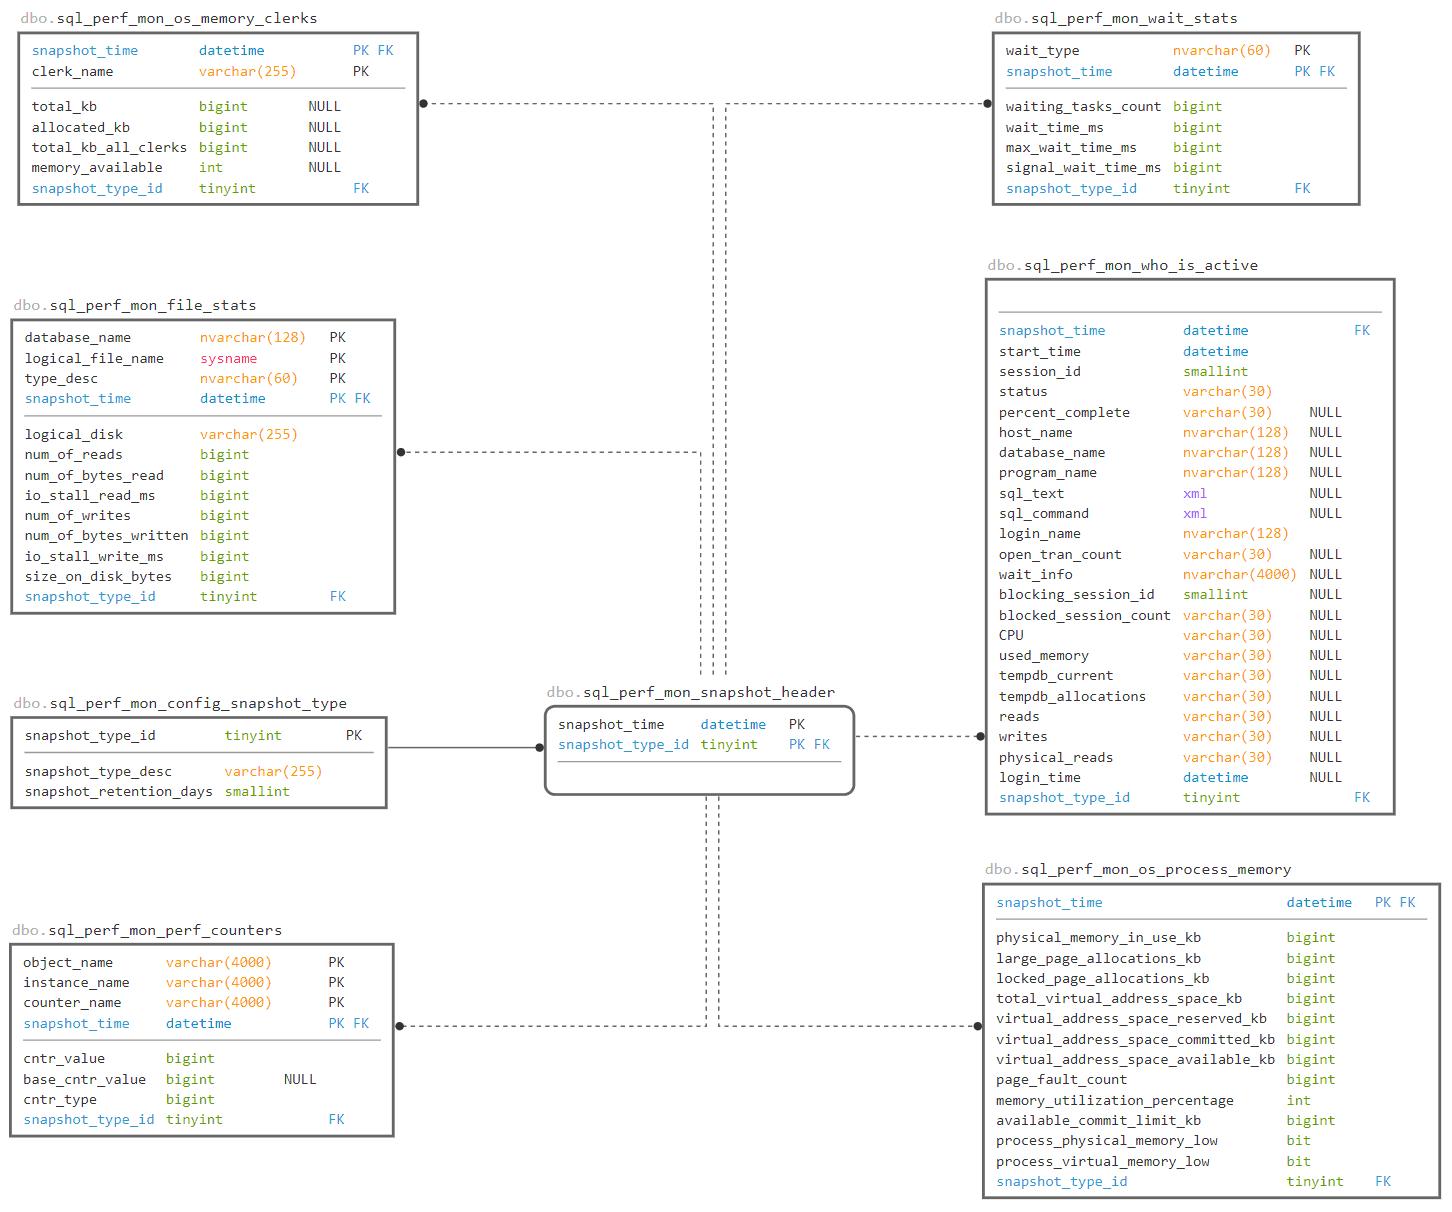 SQLWATCH Schema Snapshot Type